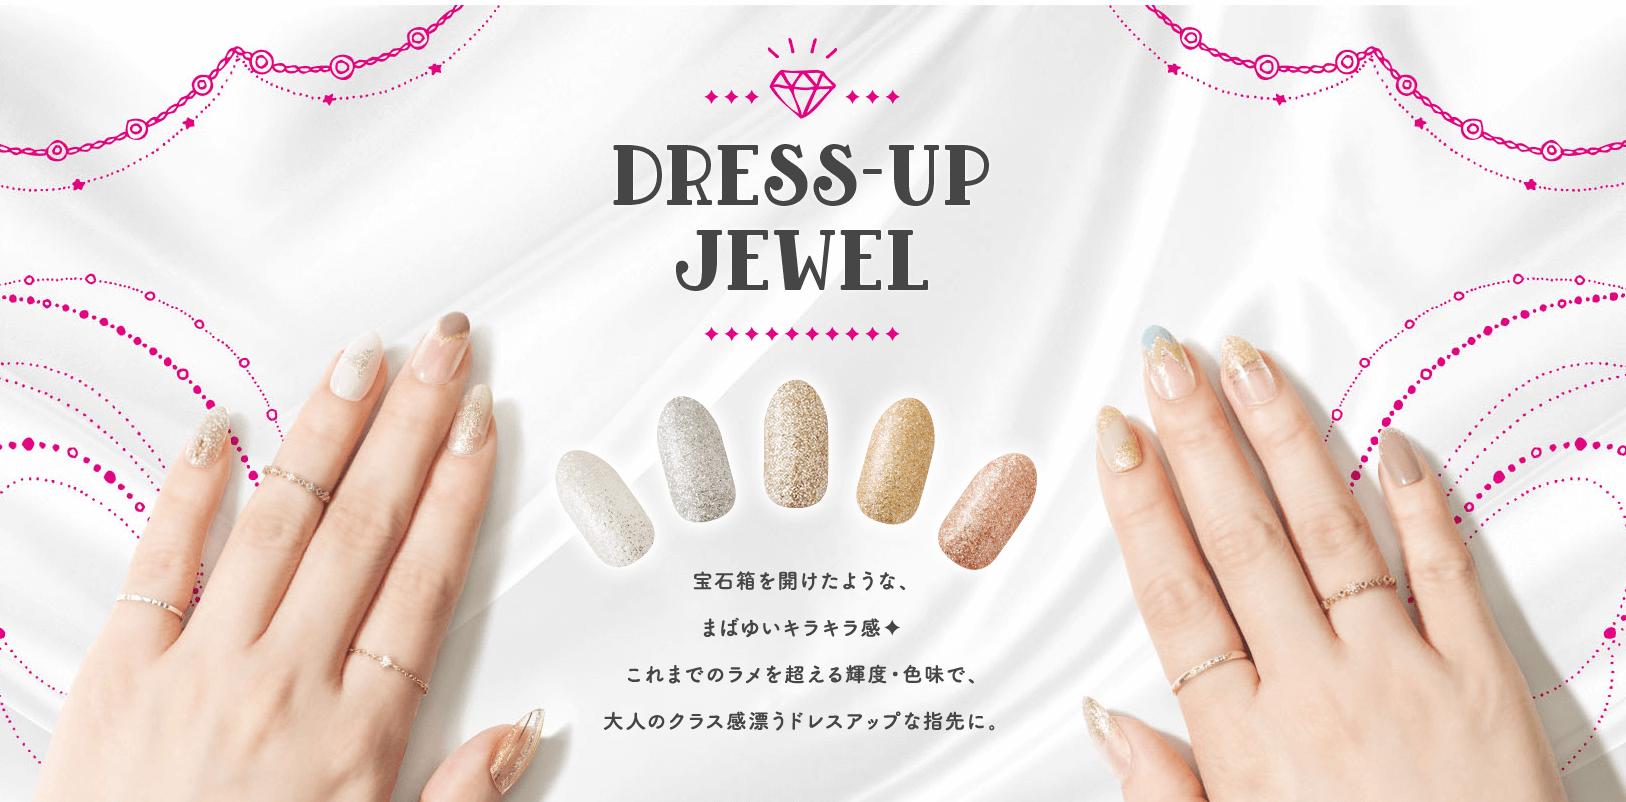 ジェリーネイル新色登場! DRESS UP JEWEL